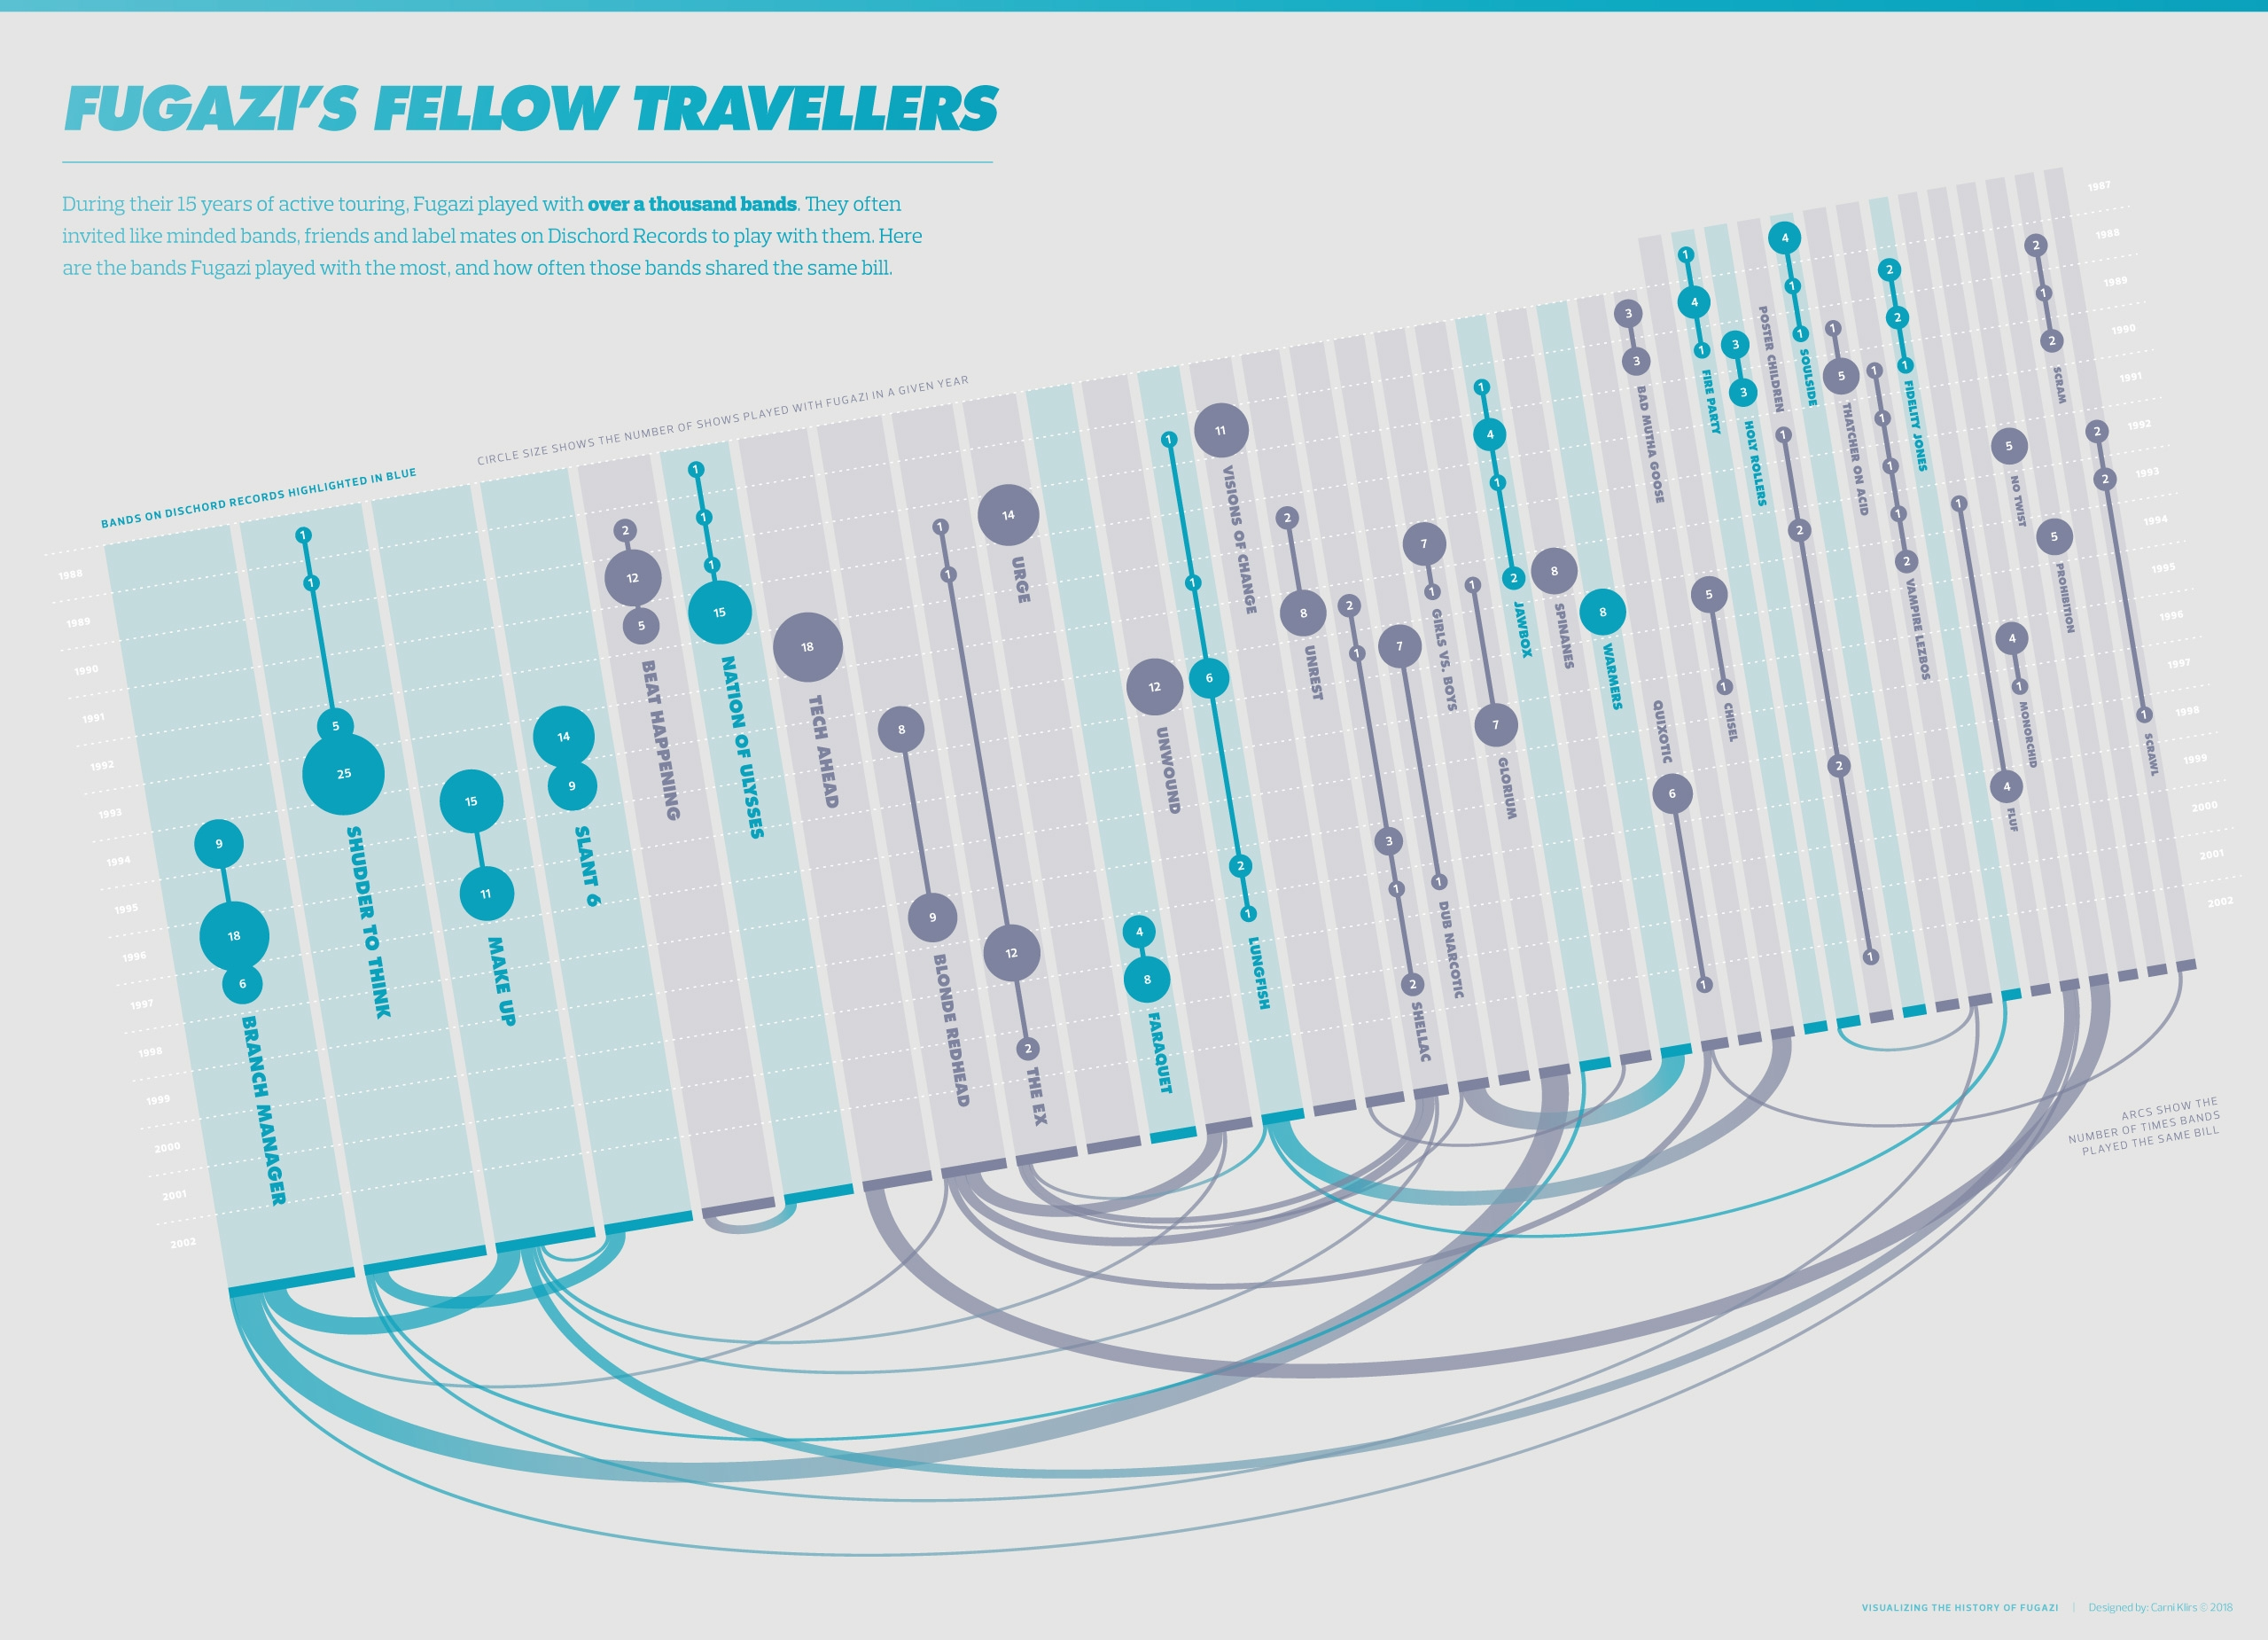 fugazi infographic by carni klirs